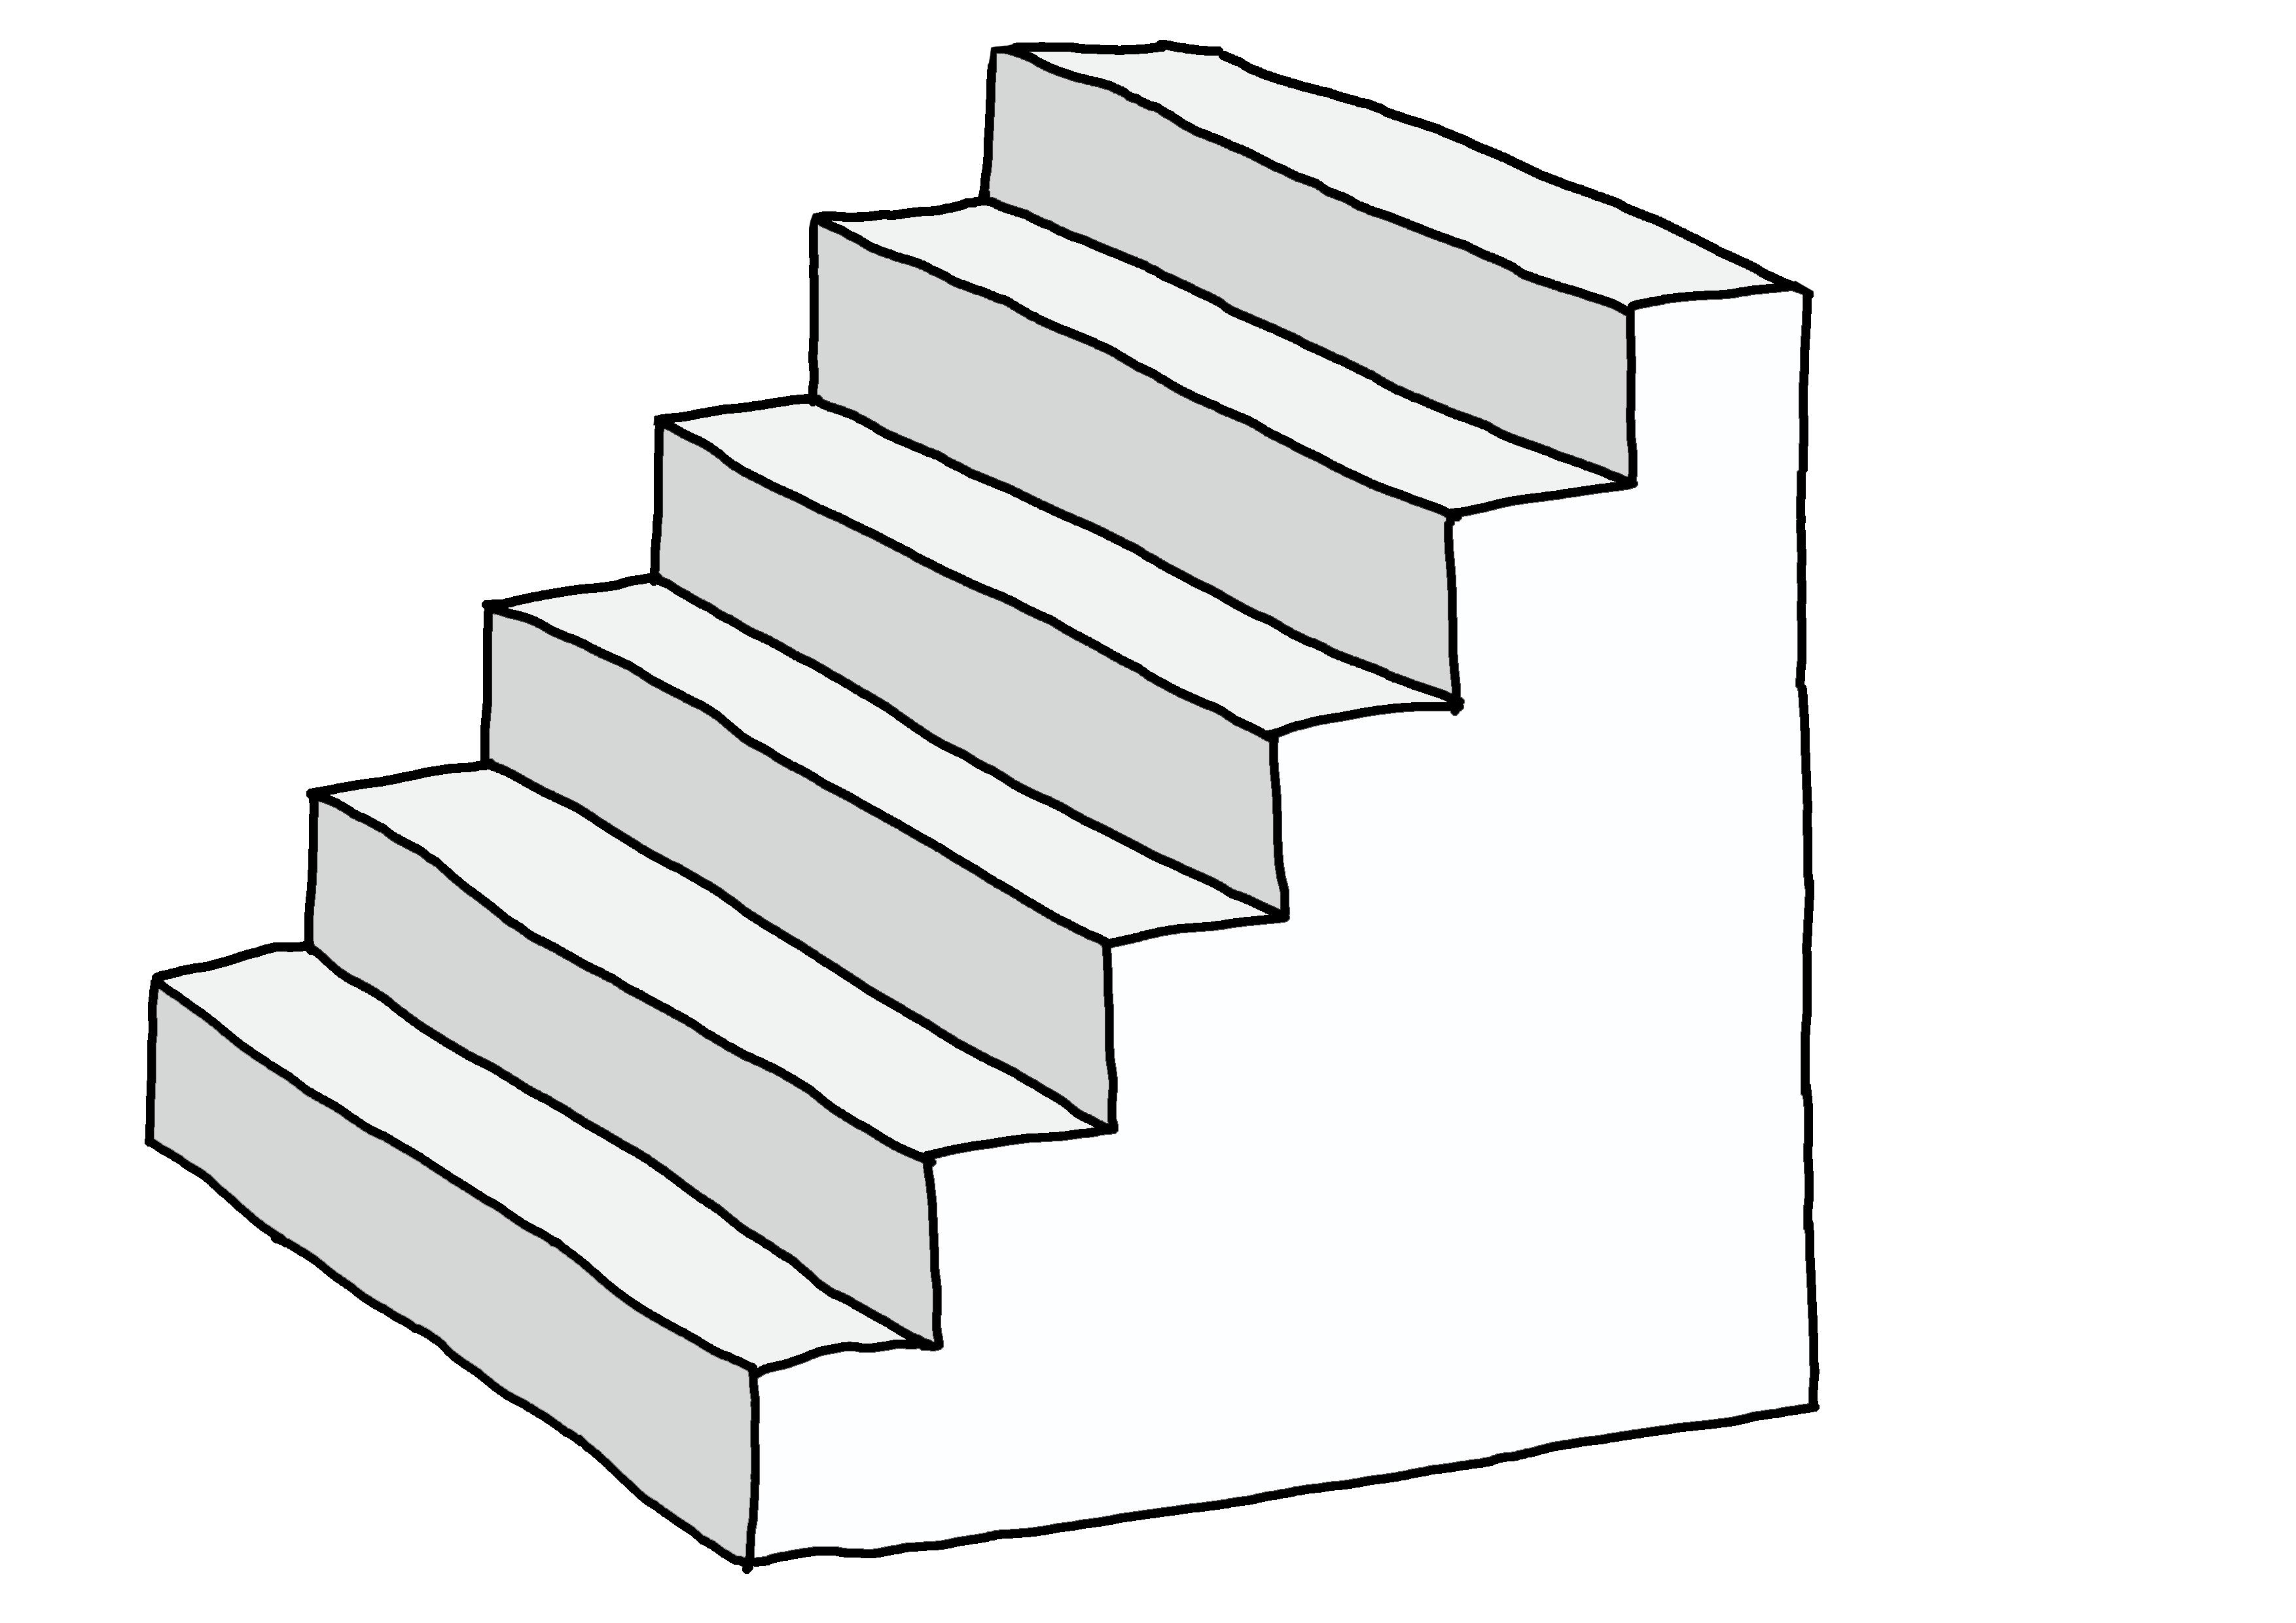 【みんなの日本語3課イラスト】階段